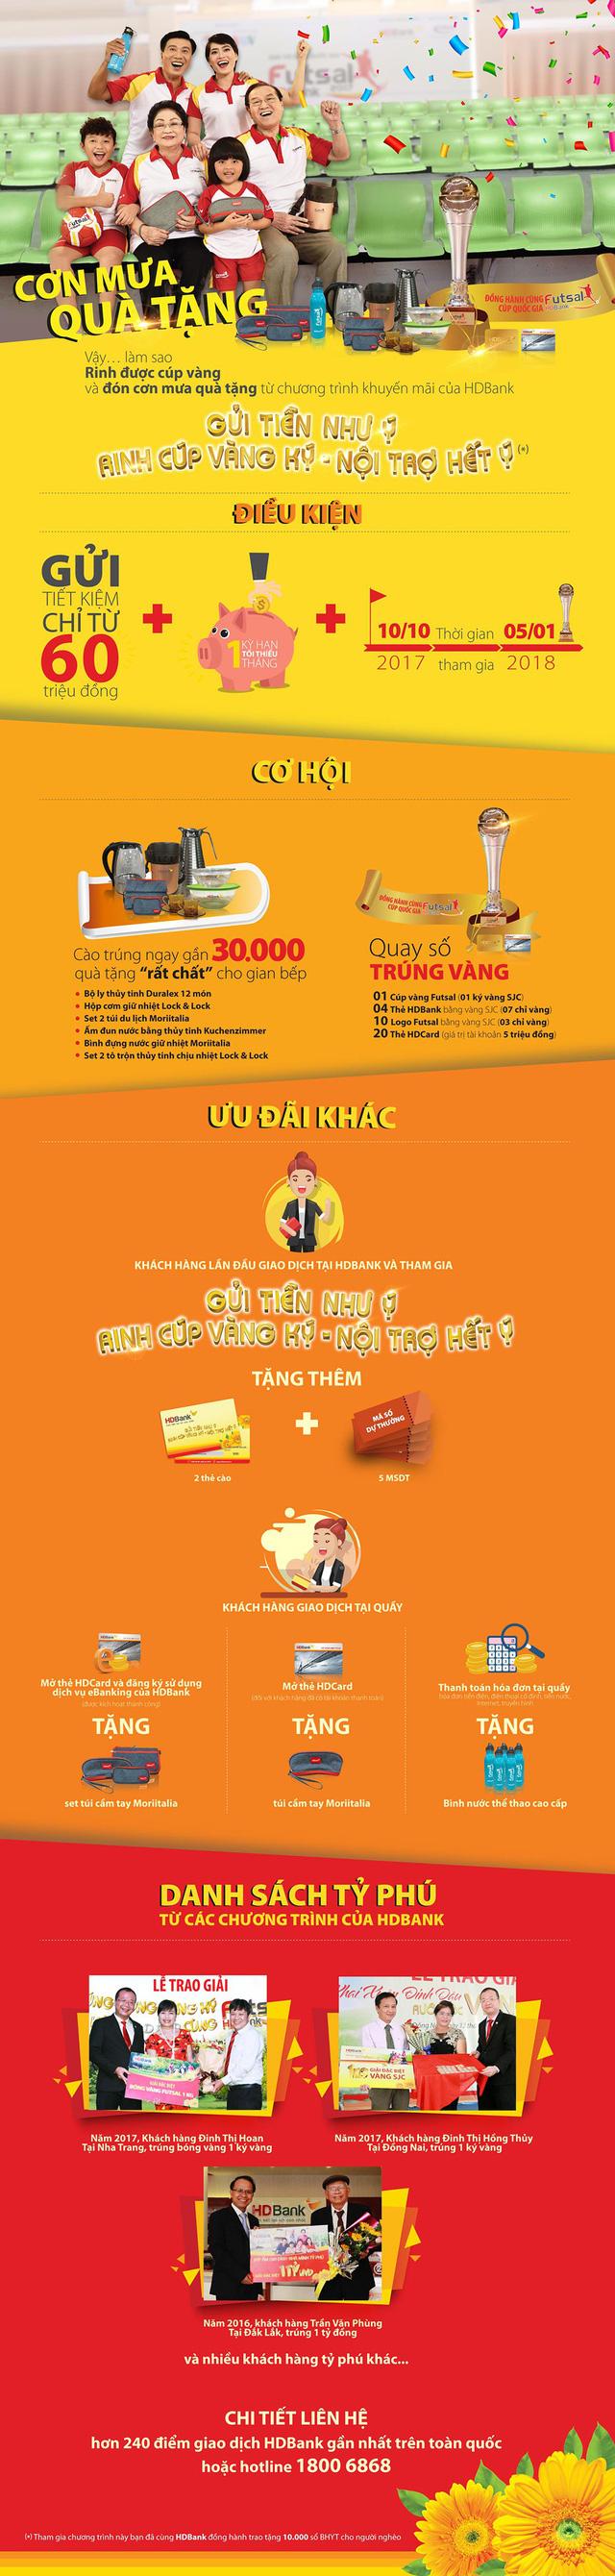 Cách rinh cúp vàng Futsal 1 ký của HDBank - Ảnh 1.